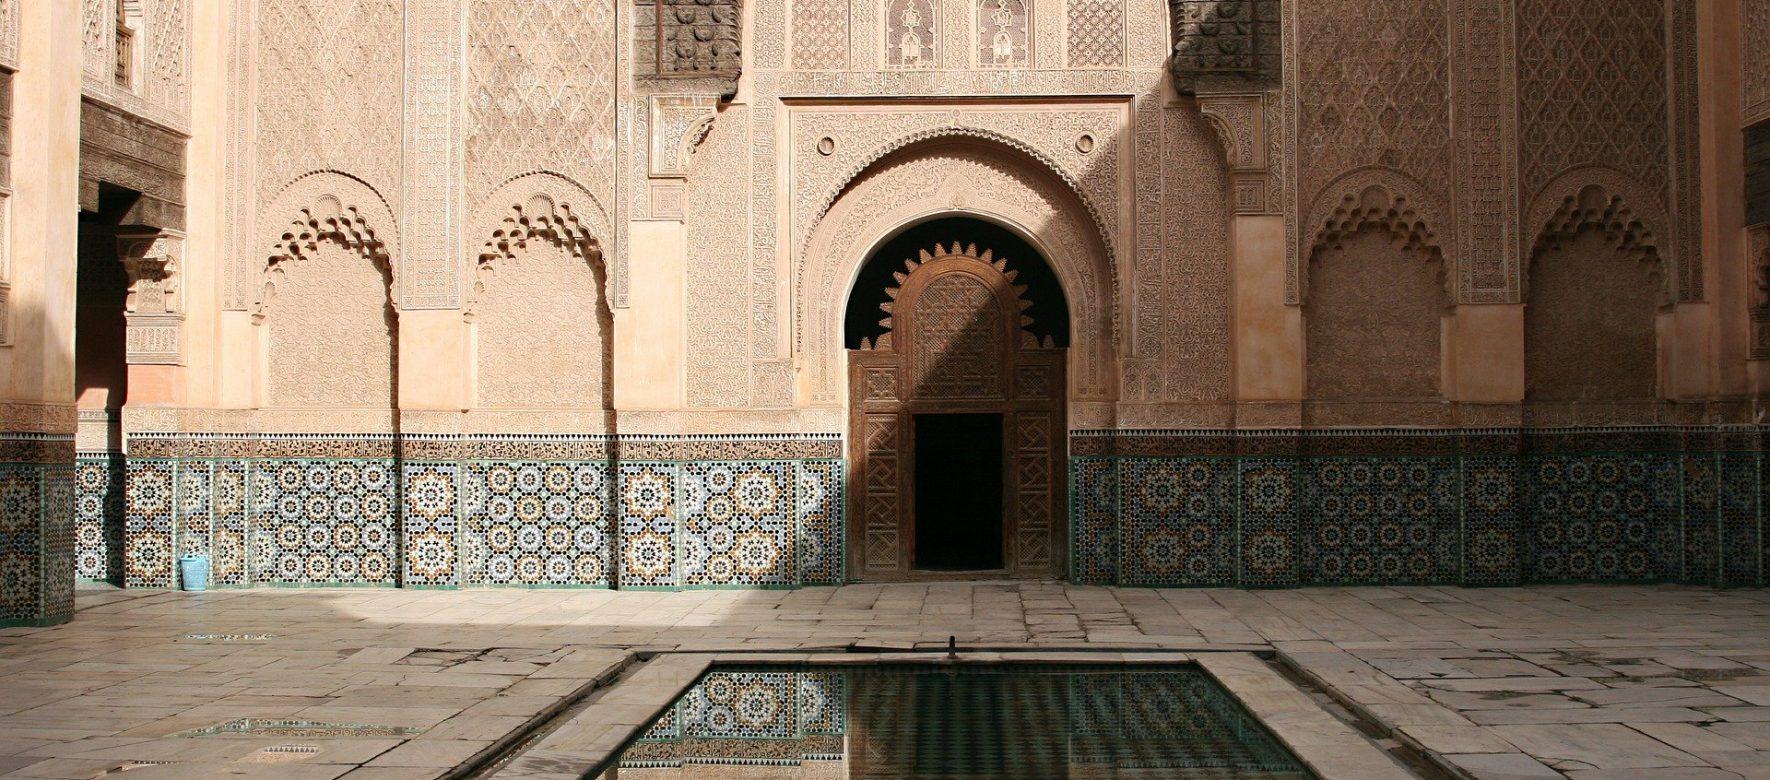 Le Maroc vient de réduire son principal taux directeur de 50 points de base à 1,5%